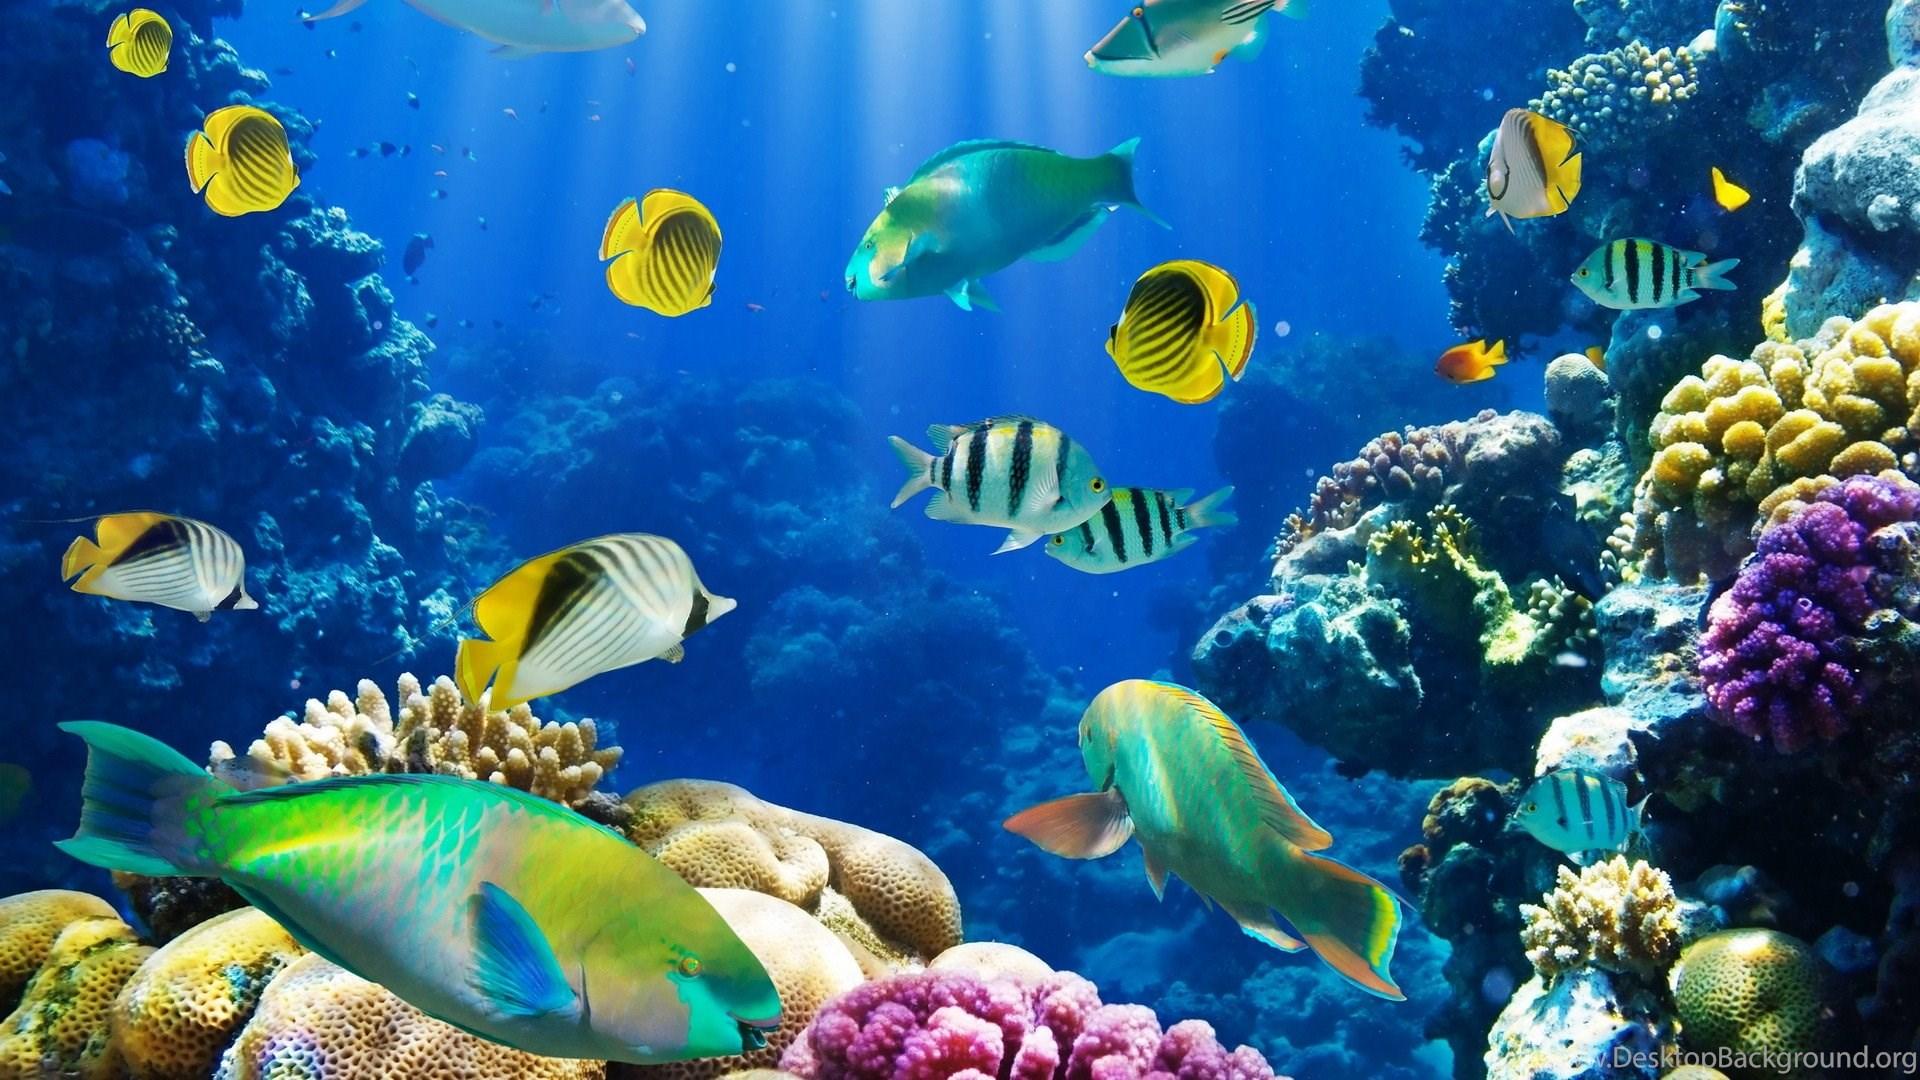 Desktop Live Wallpapers Fish Aquarium Desktop Live Wallpapers Fish